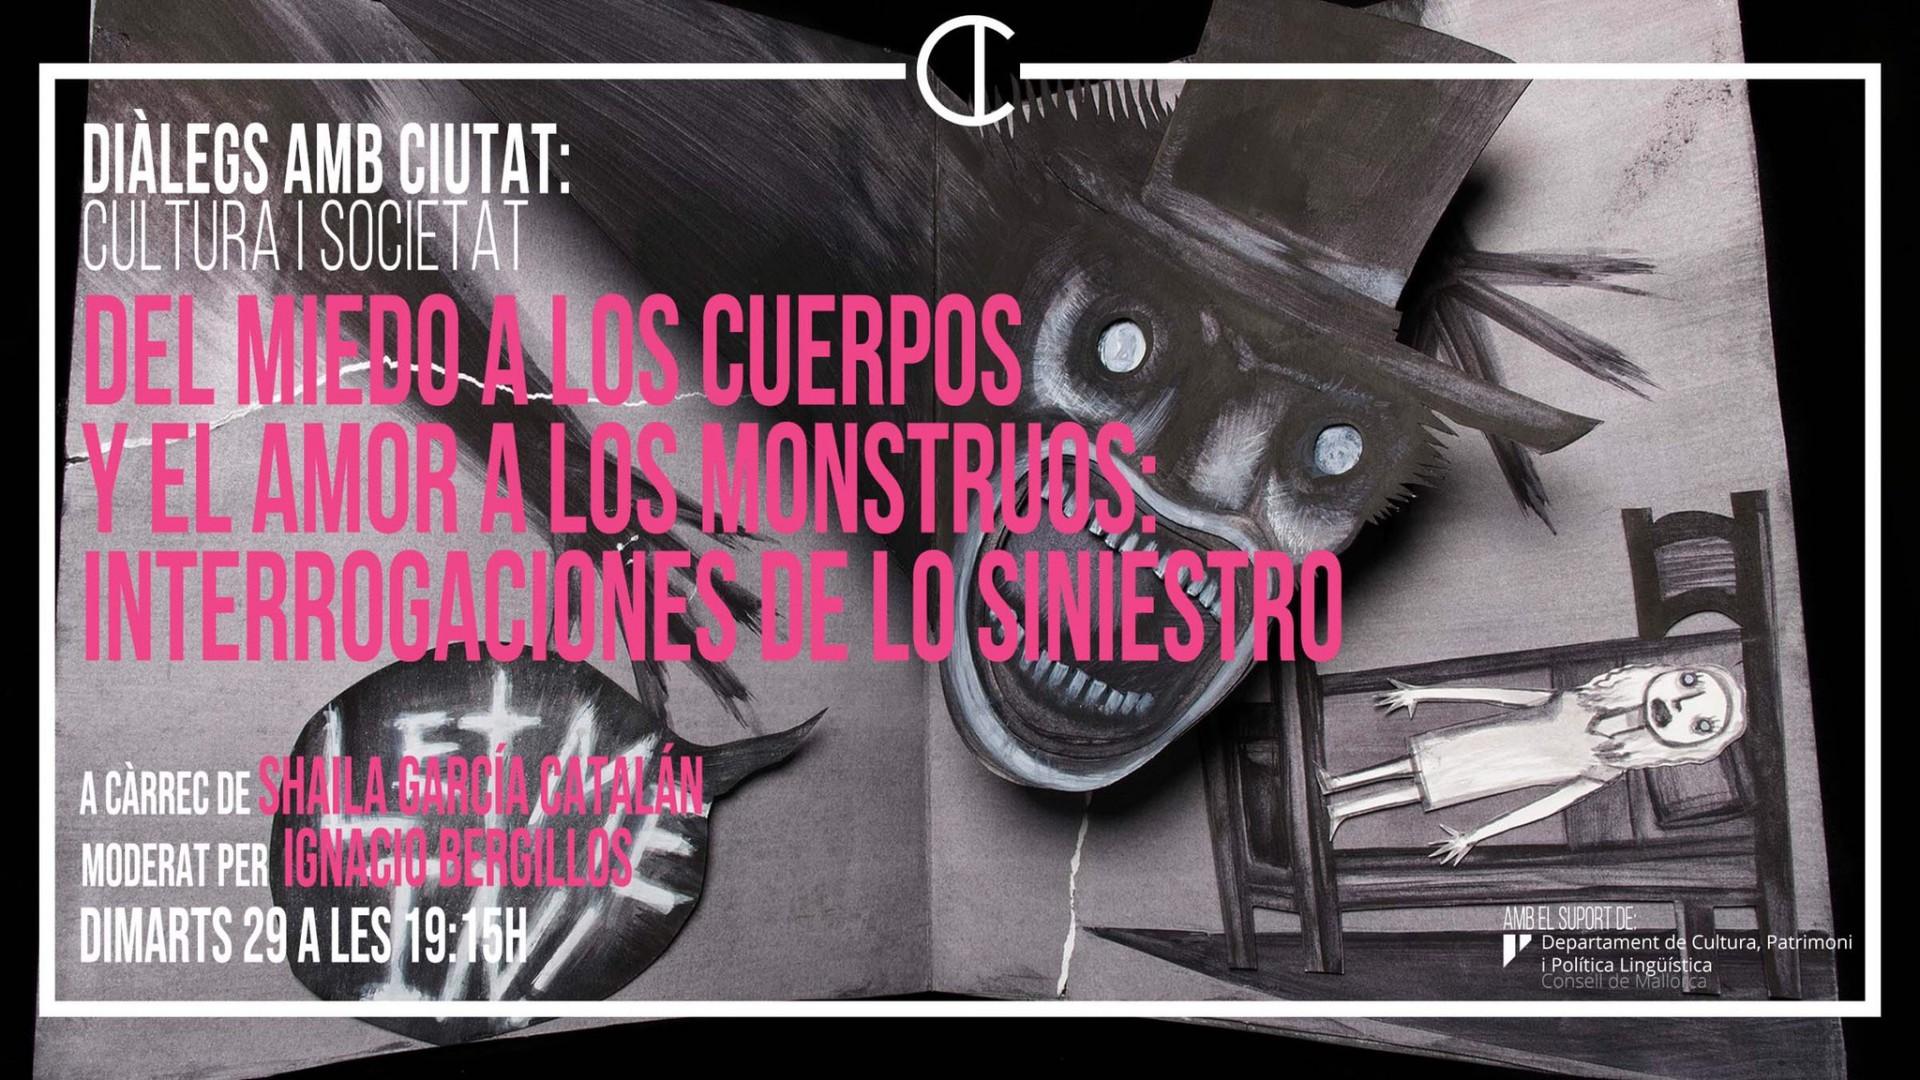 Diàlegs amb Ciutat: Cultura y sociedad - Shaila García Catalán